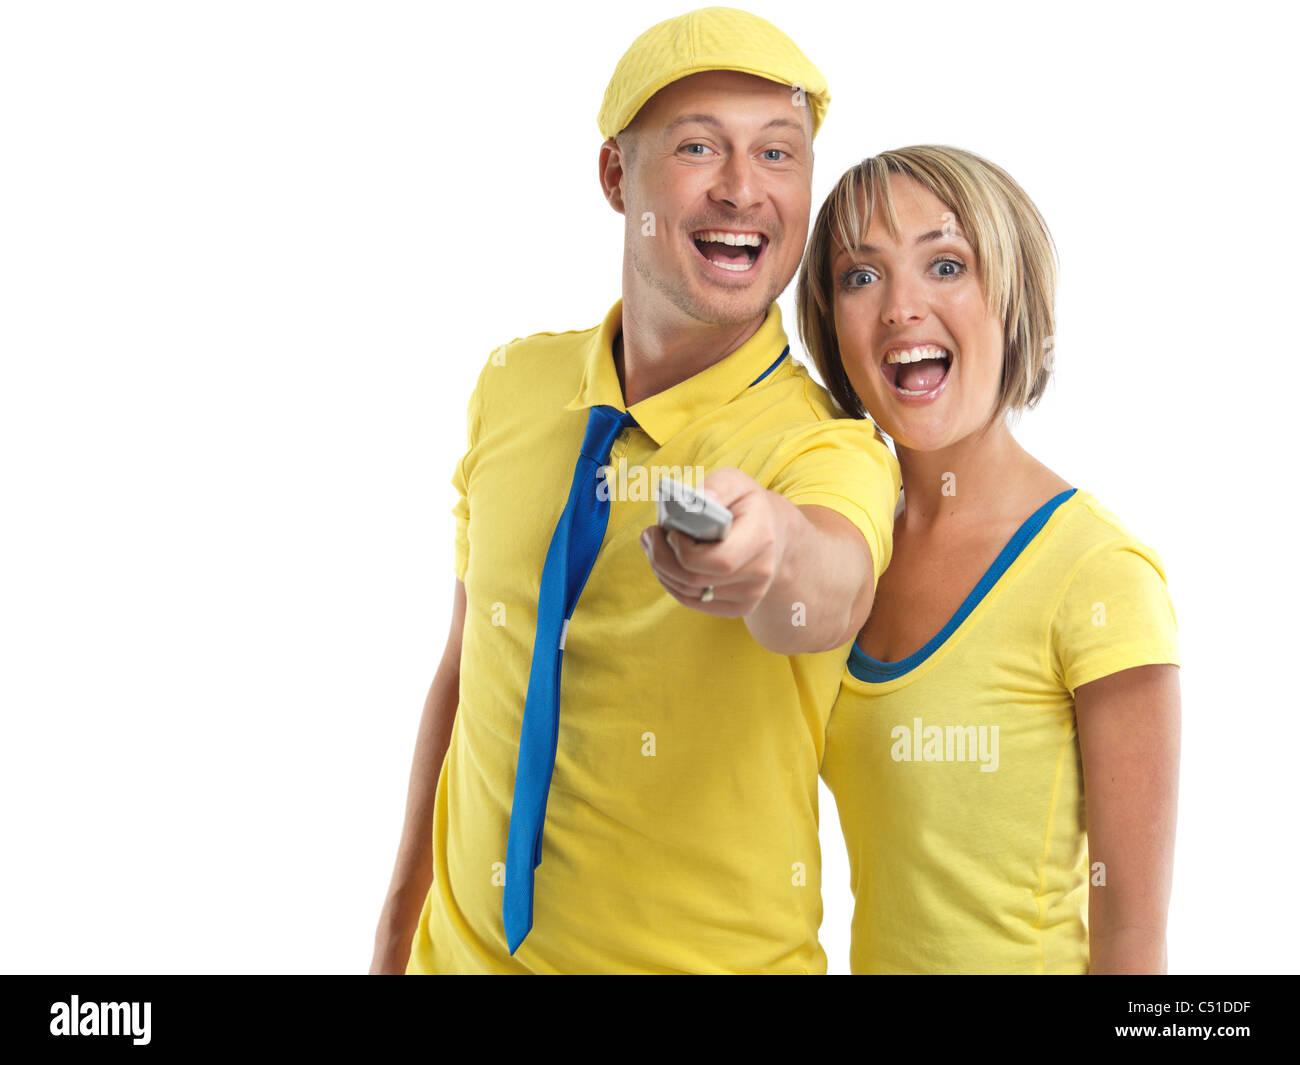 Junges Paar mit einer TV-Fernbedienung zu lachen. Isoliert auf weißem Hintergrund. Stockbild